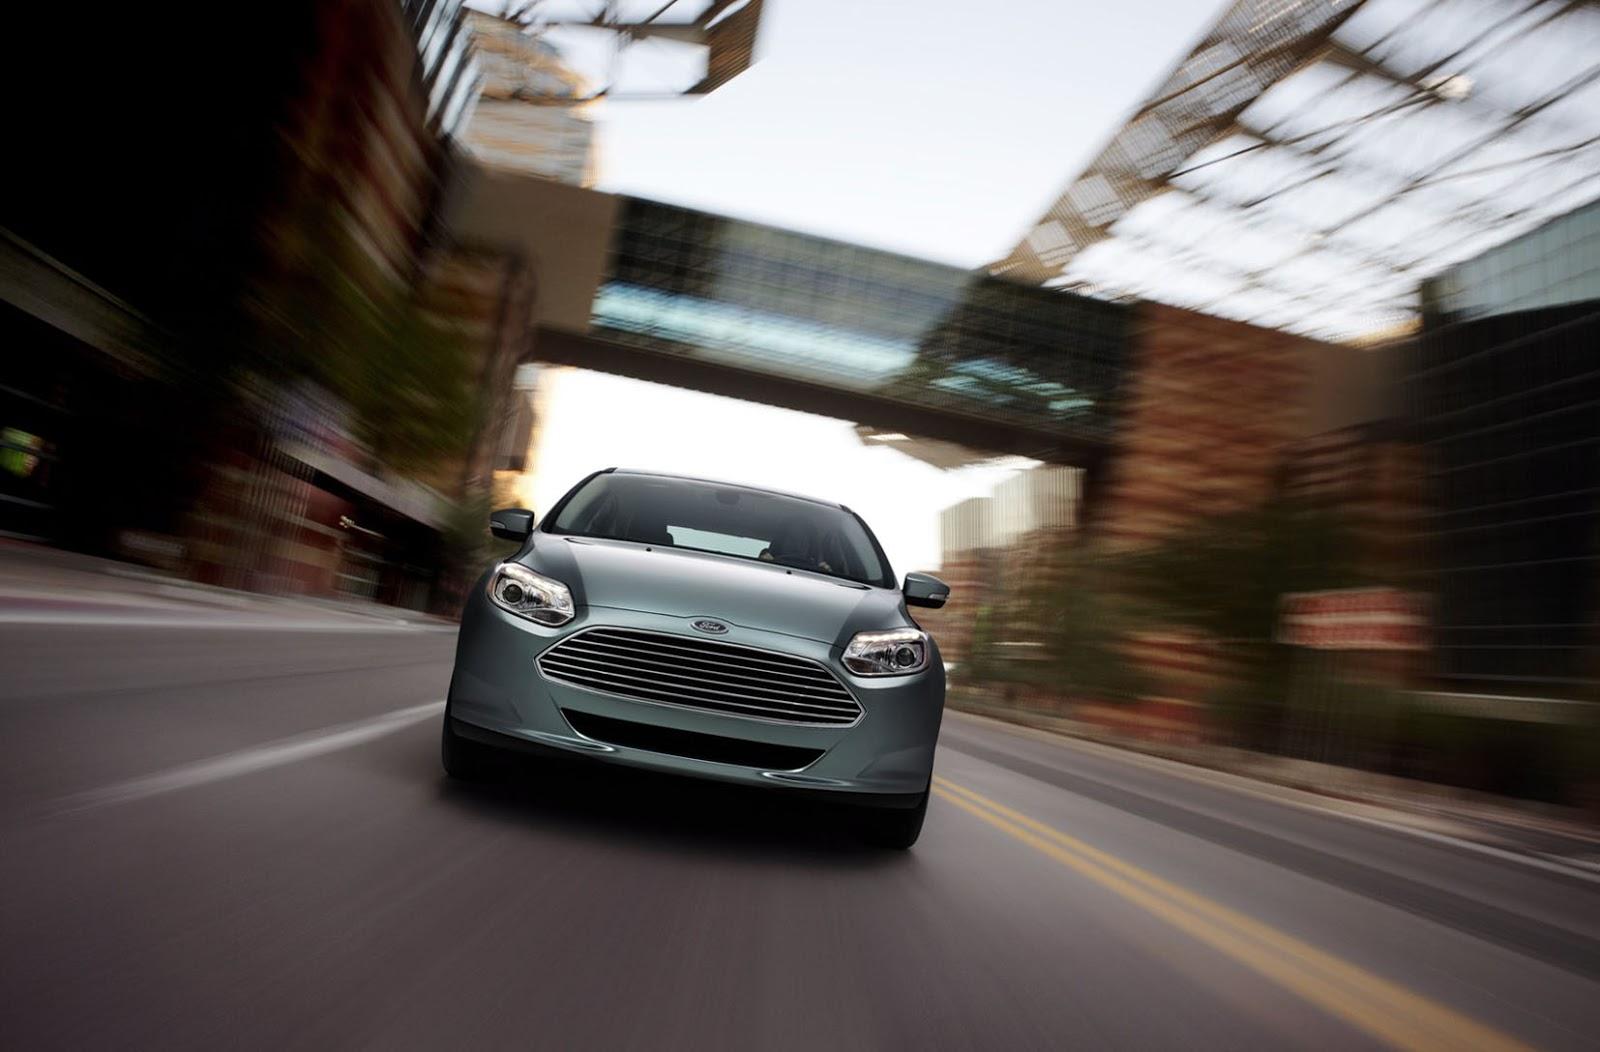 Ford apresenta 10 novos carros m dios e el tricos com nova plataforma global